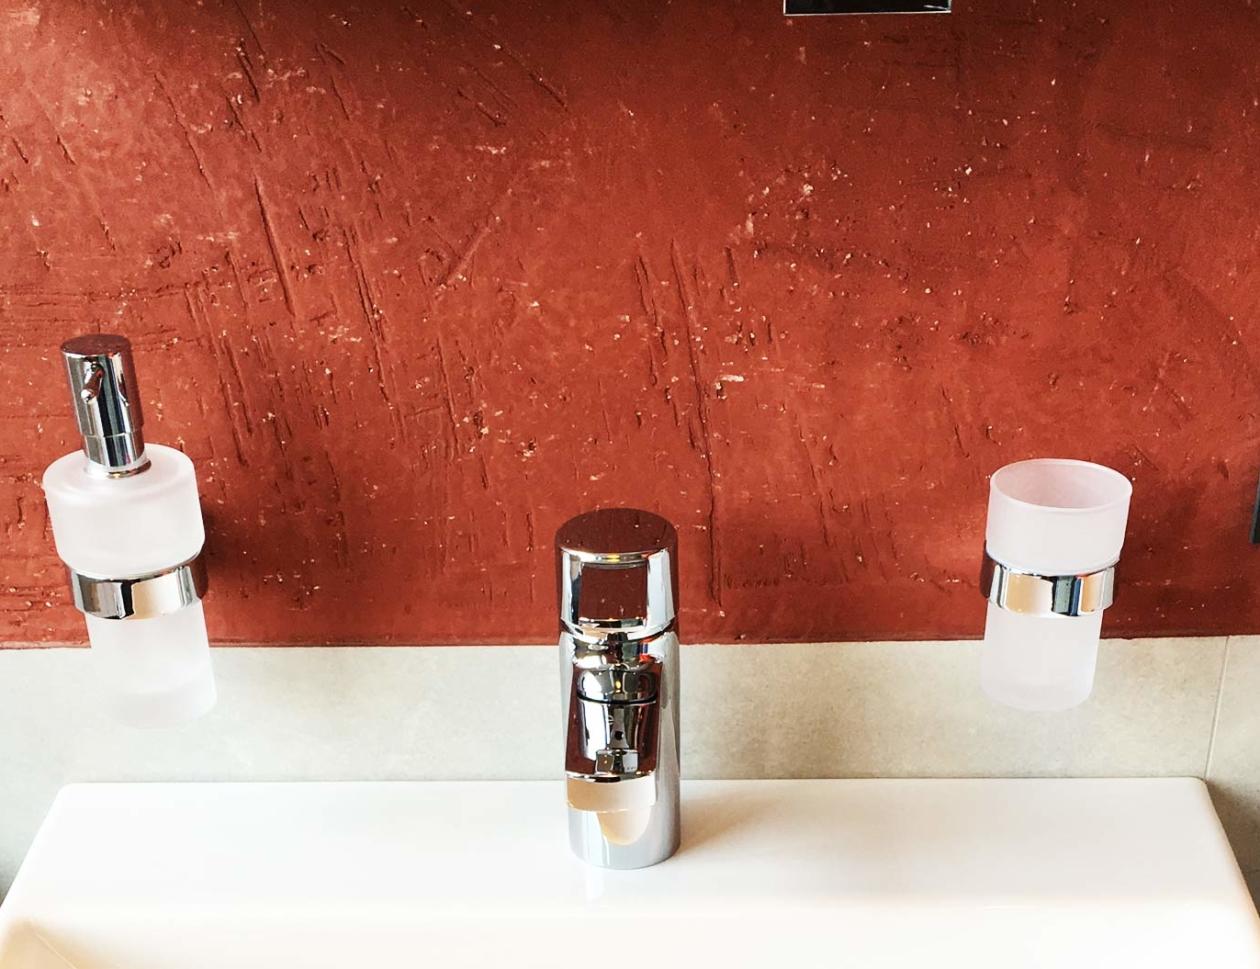 kalkspachtel im bad | mw malereibetrieb | bodenarbeiten, wärme, energie